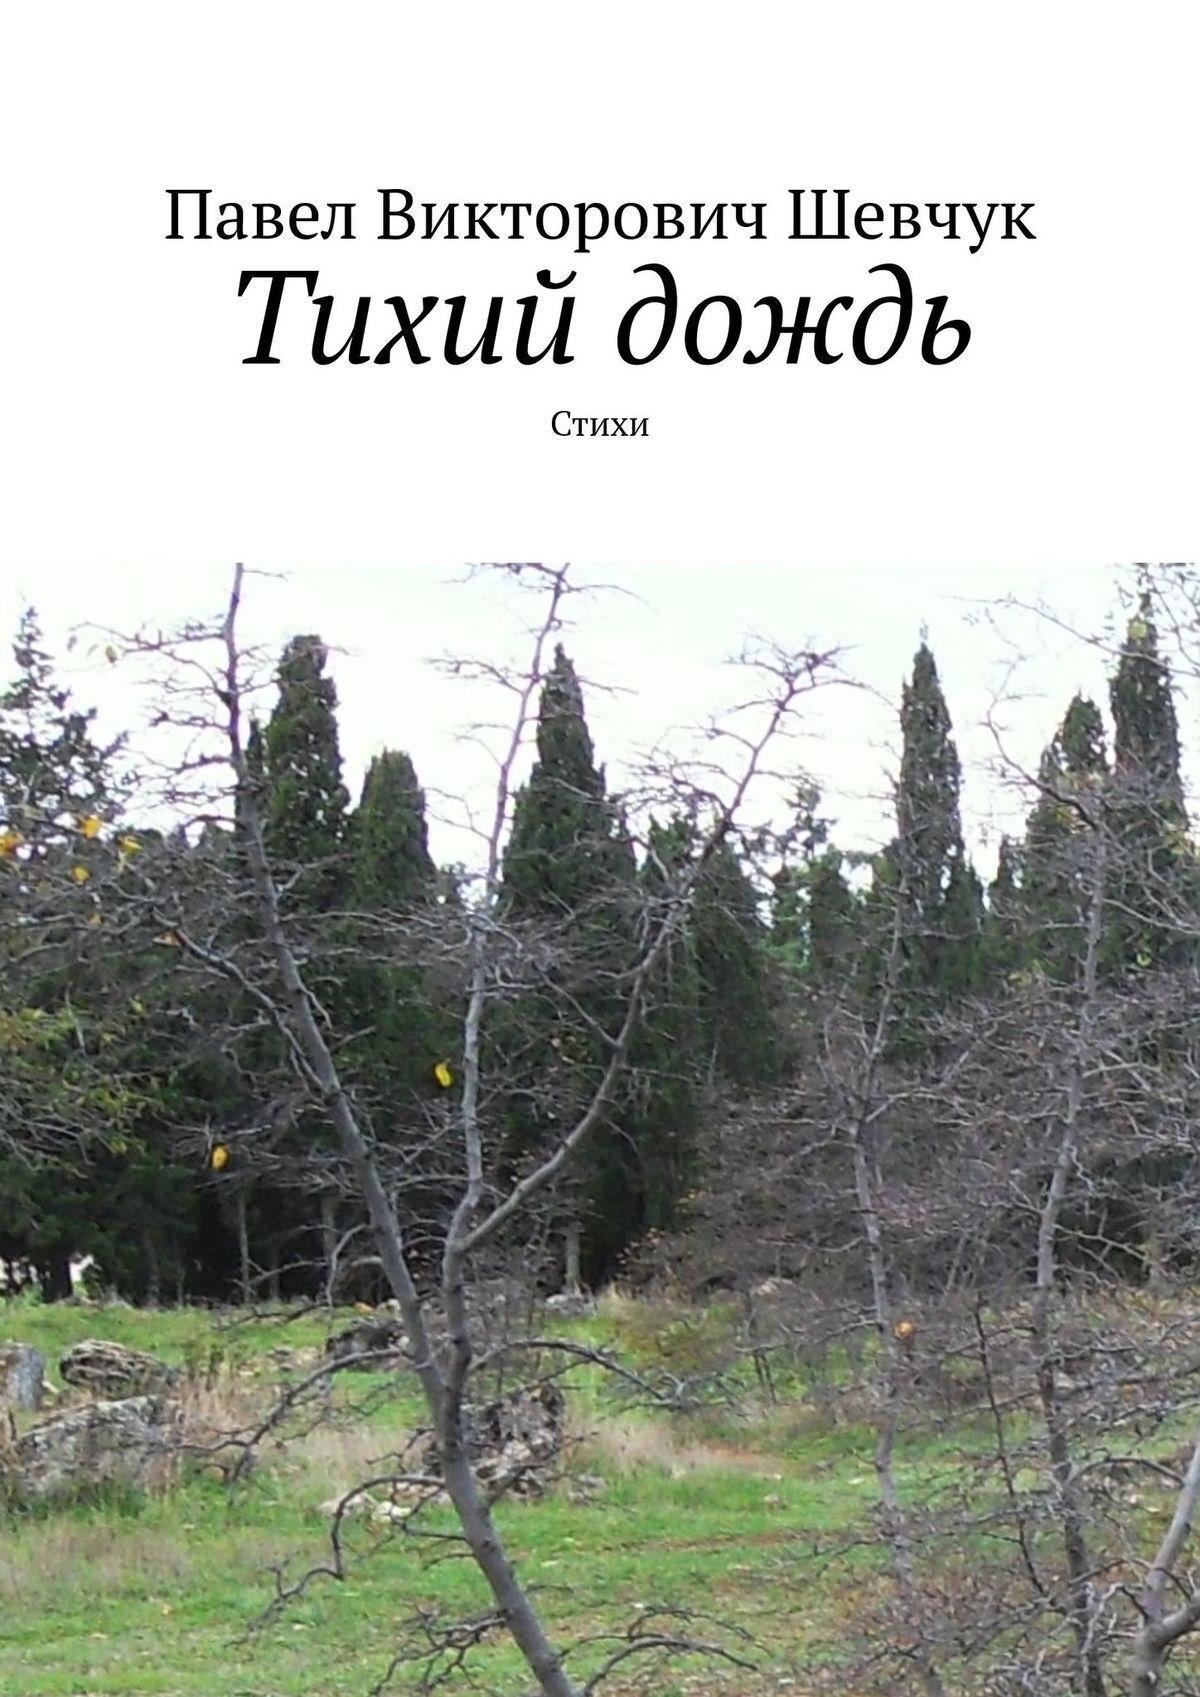 Павел Викторович Шевчук Тихий дождь. Стихи